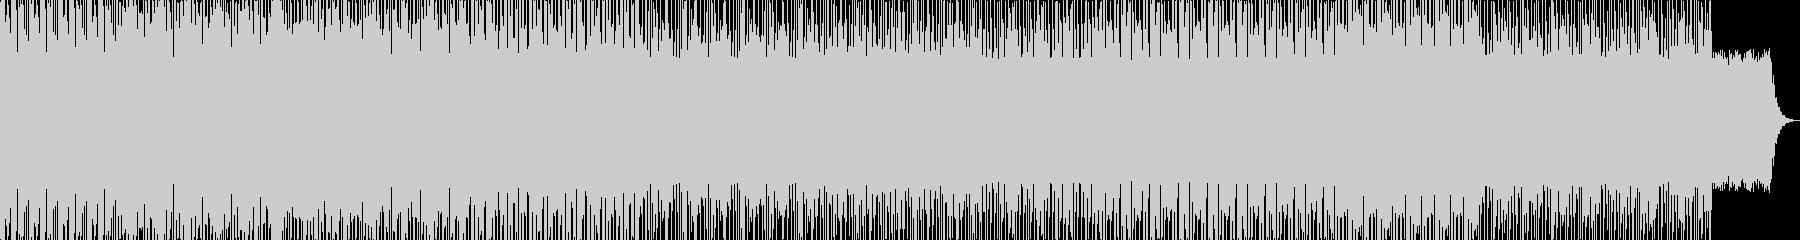 テクノとロックの融合の未再生の波形